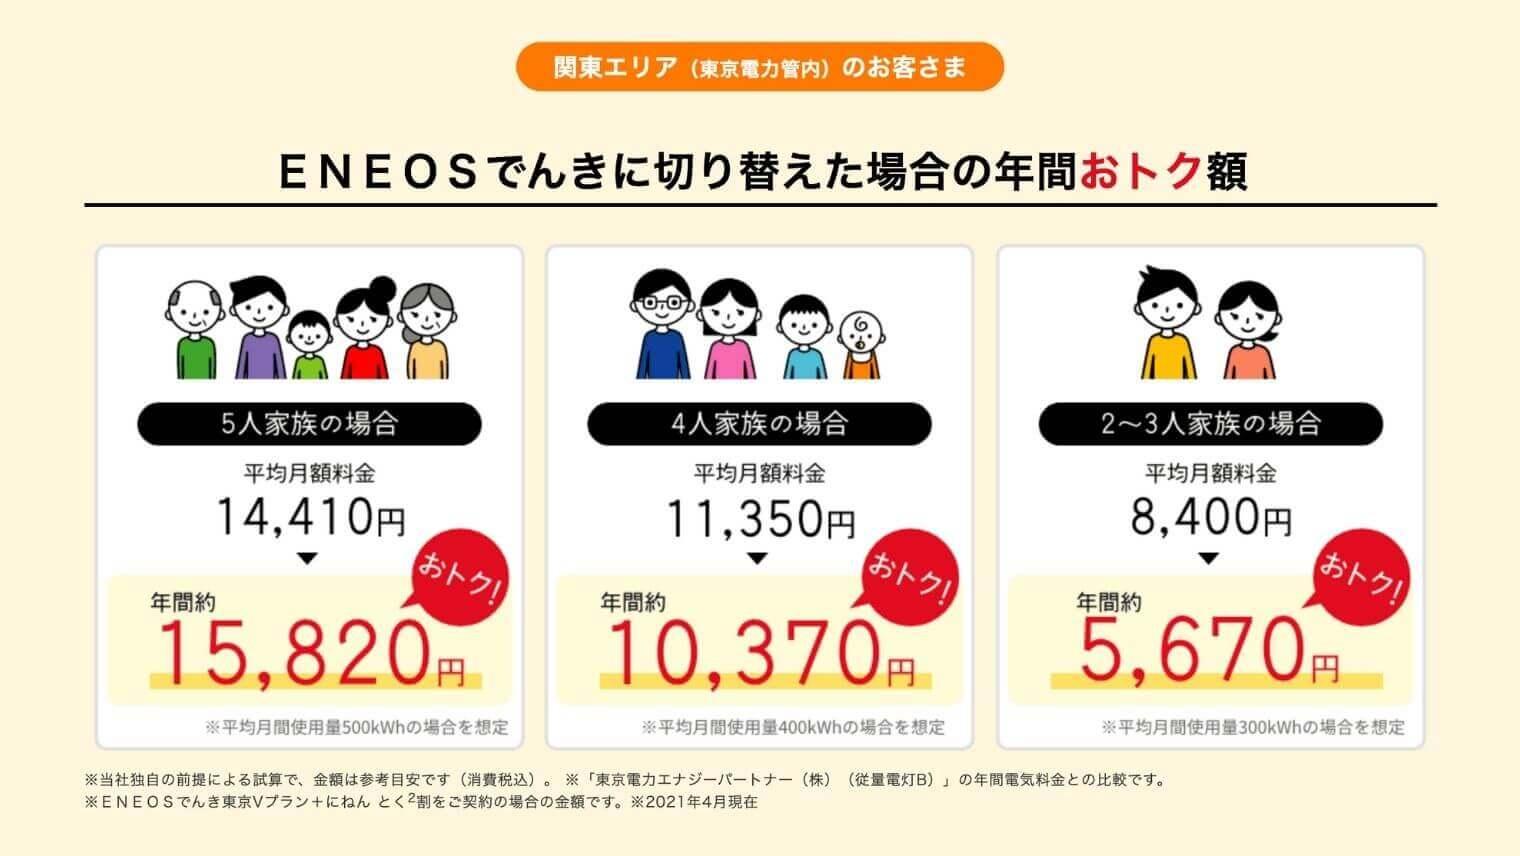 ENEOSでんきの電気料金はいくら?